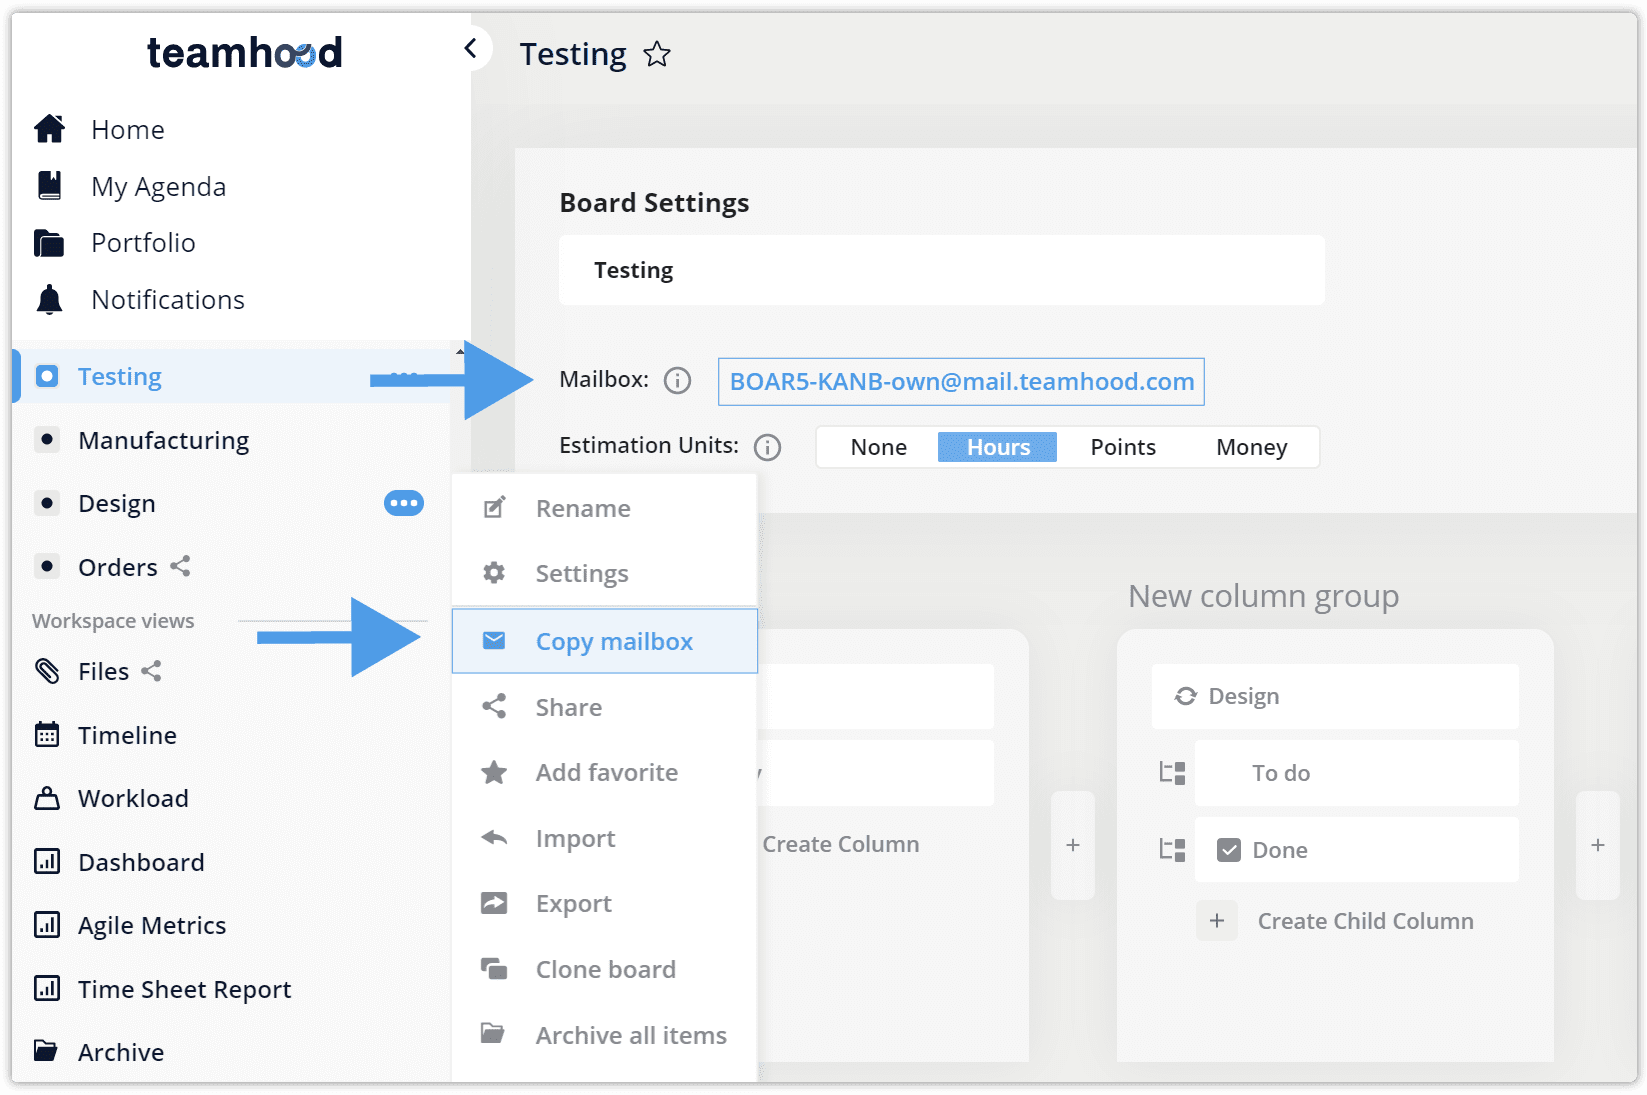 teamhood version 1.11